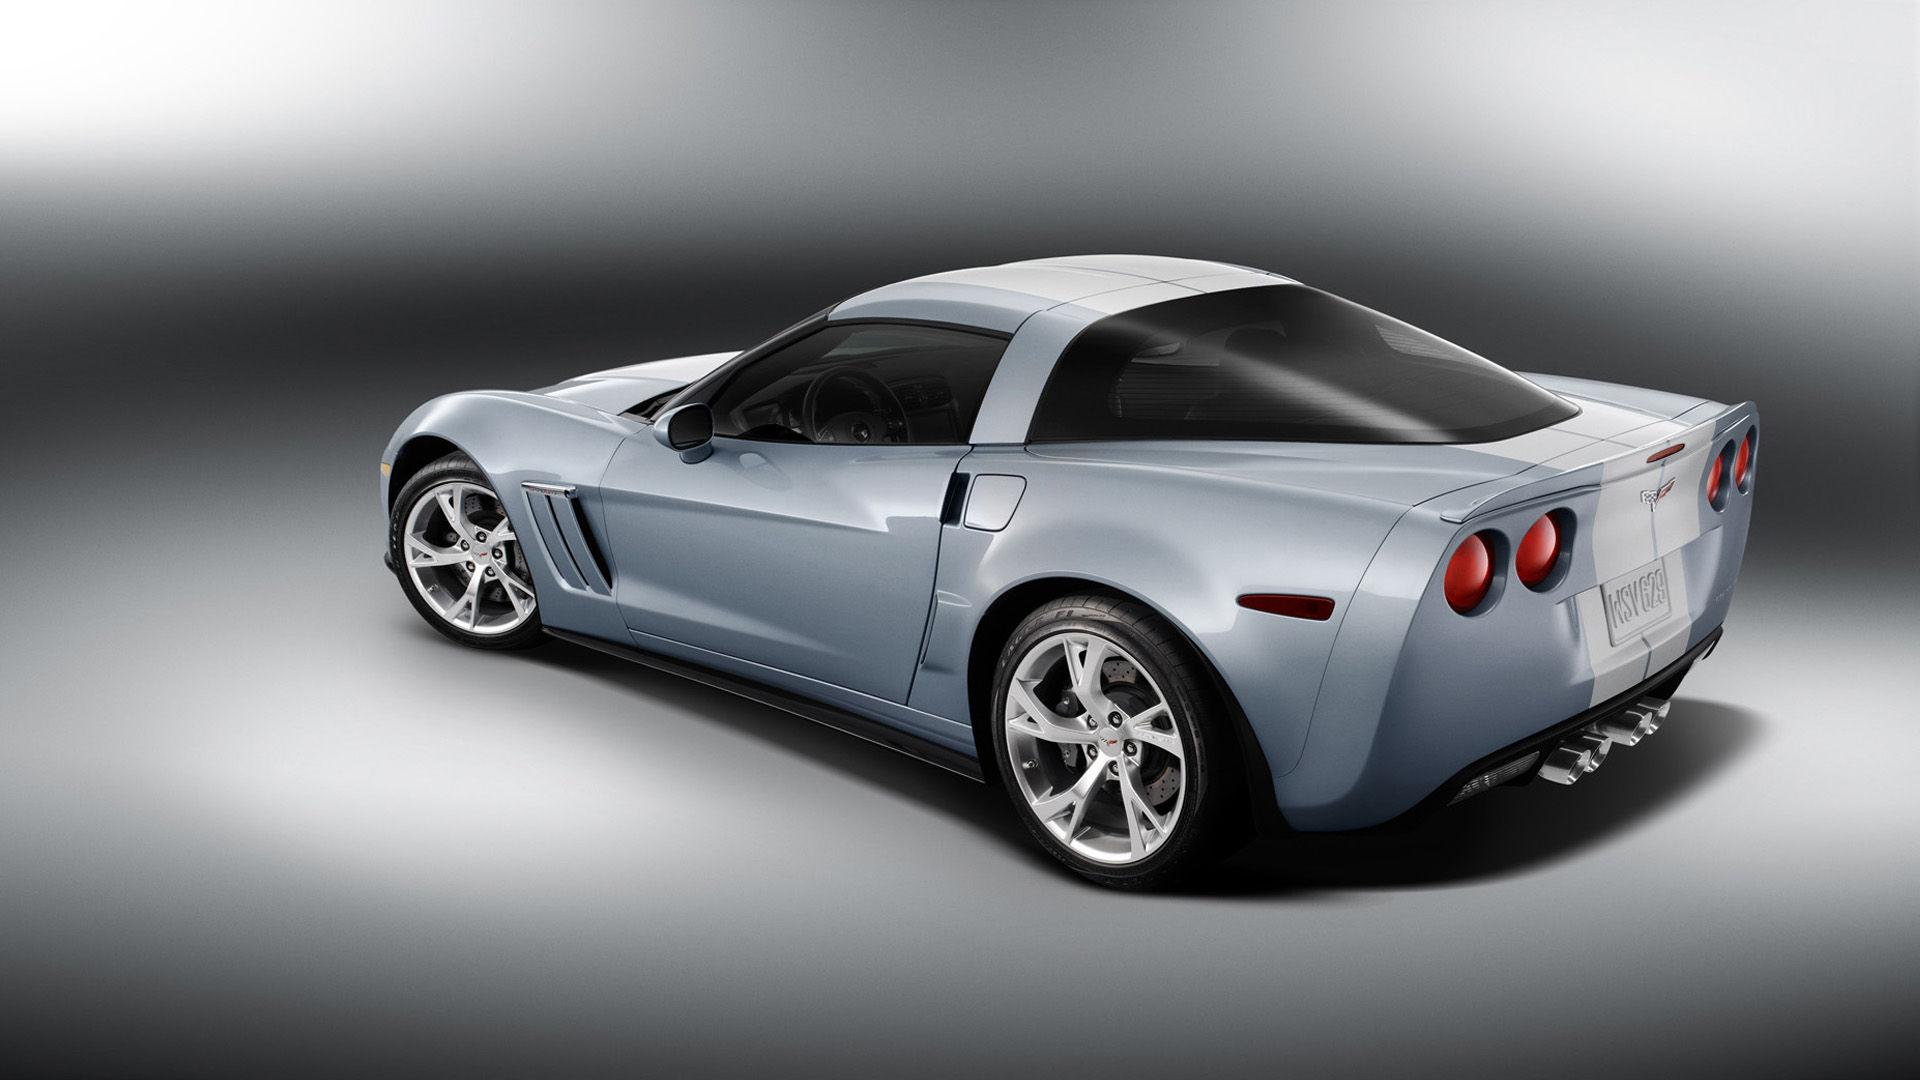 2011 Chevrolet Corvette Carlisle Grand Sport